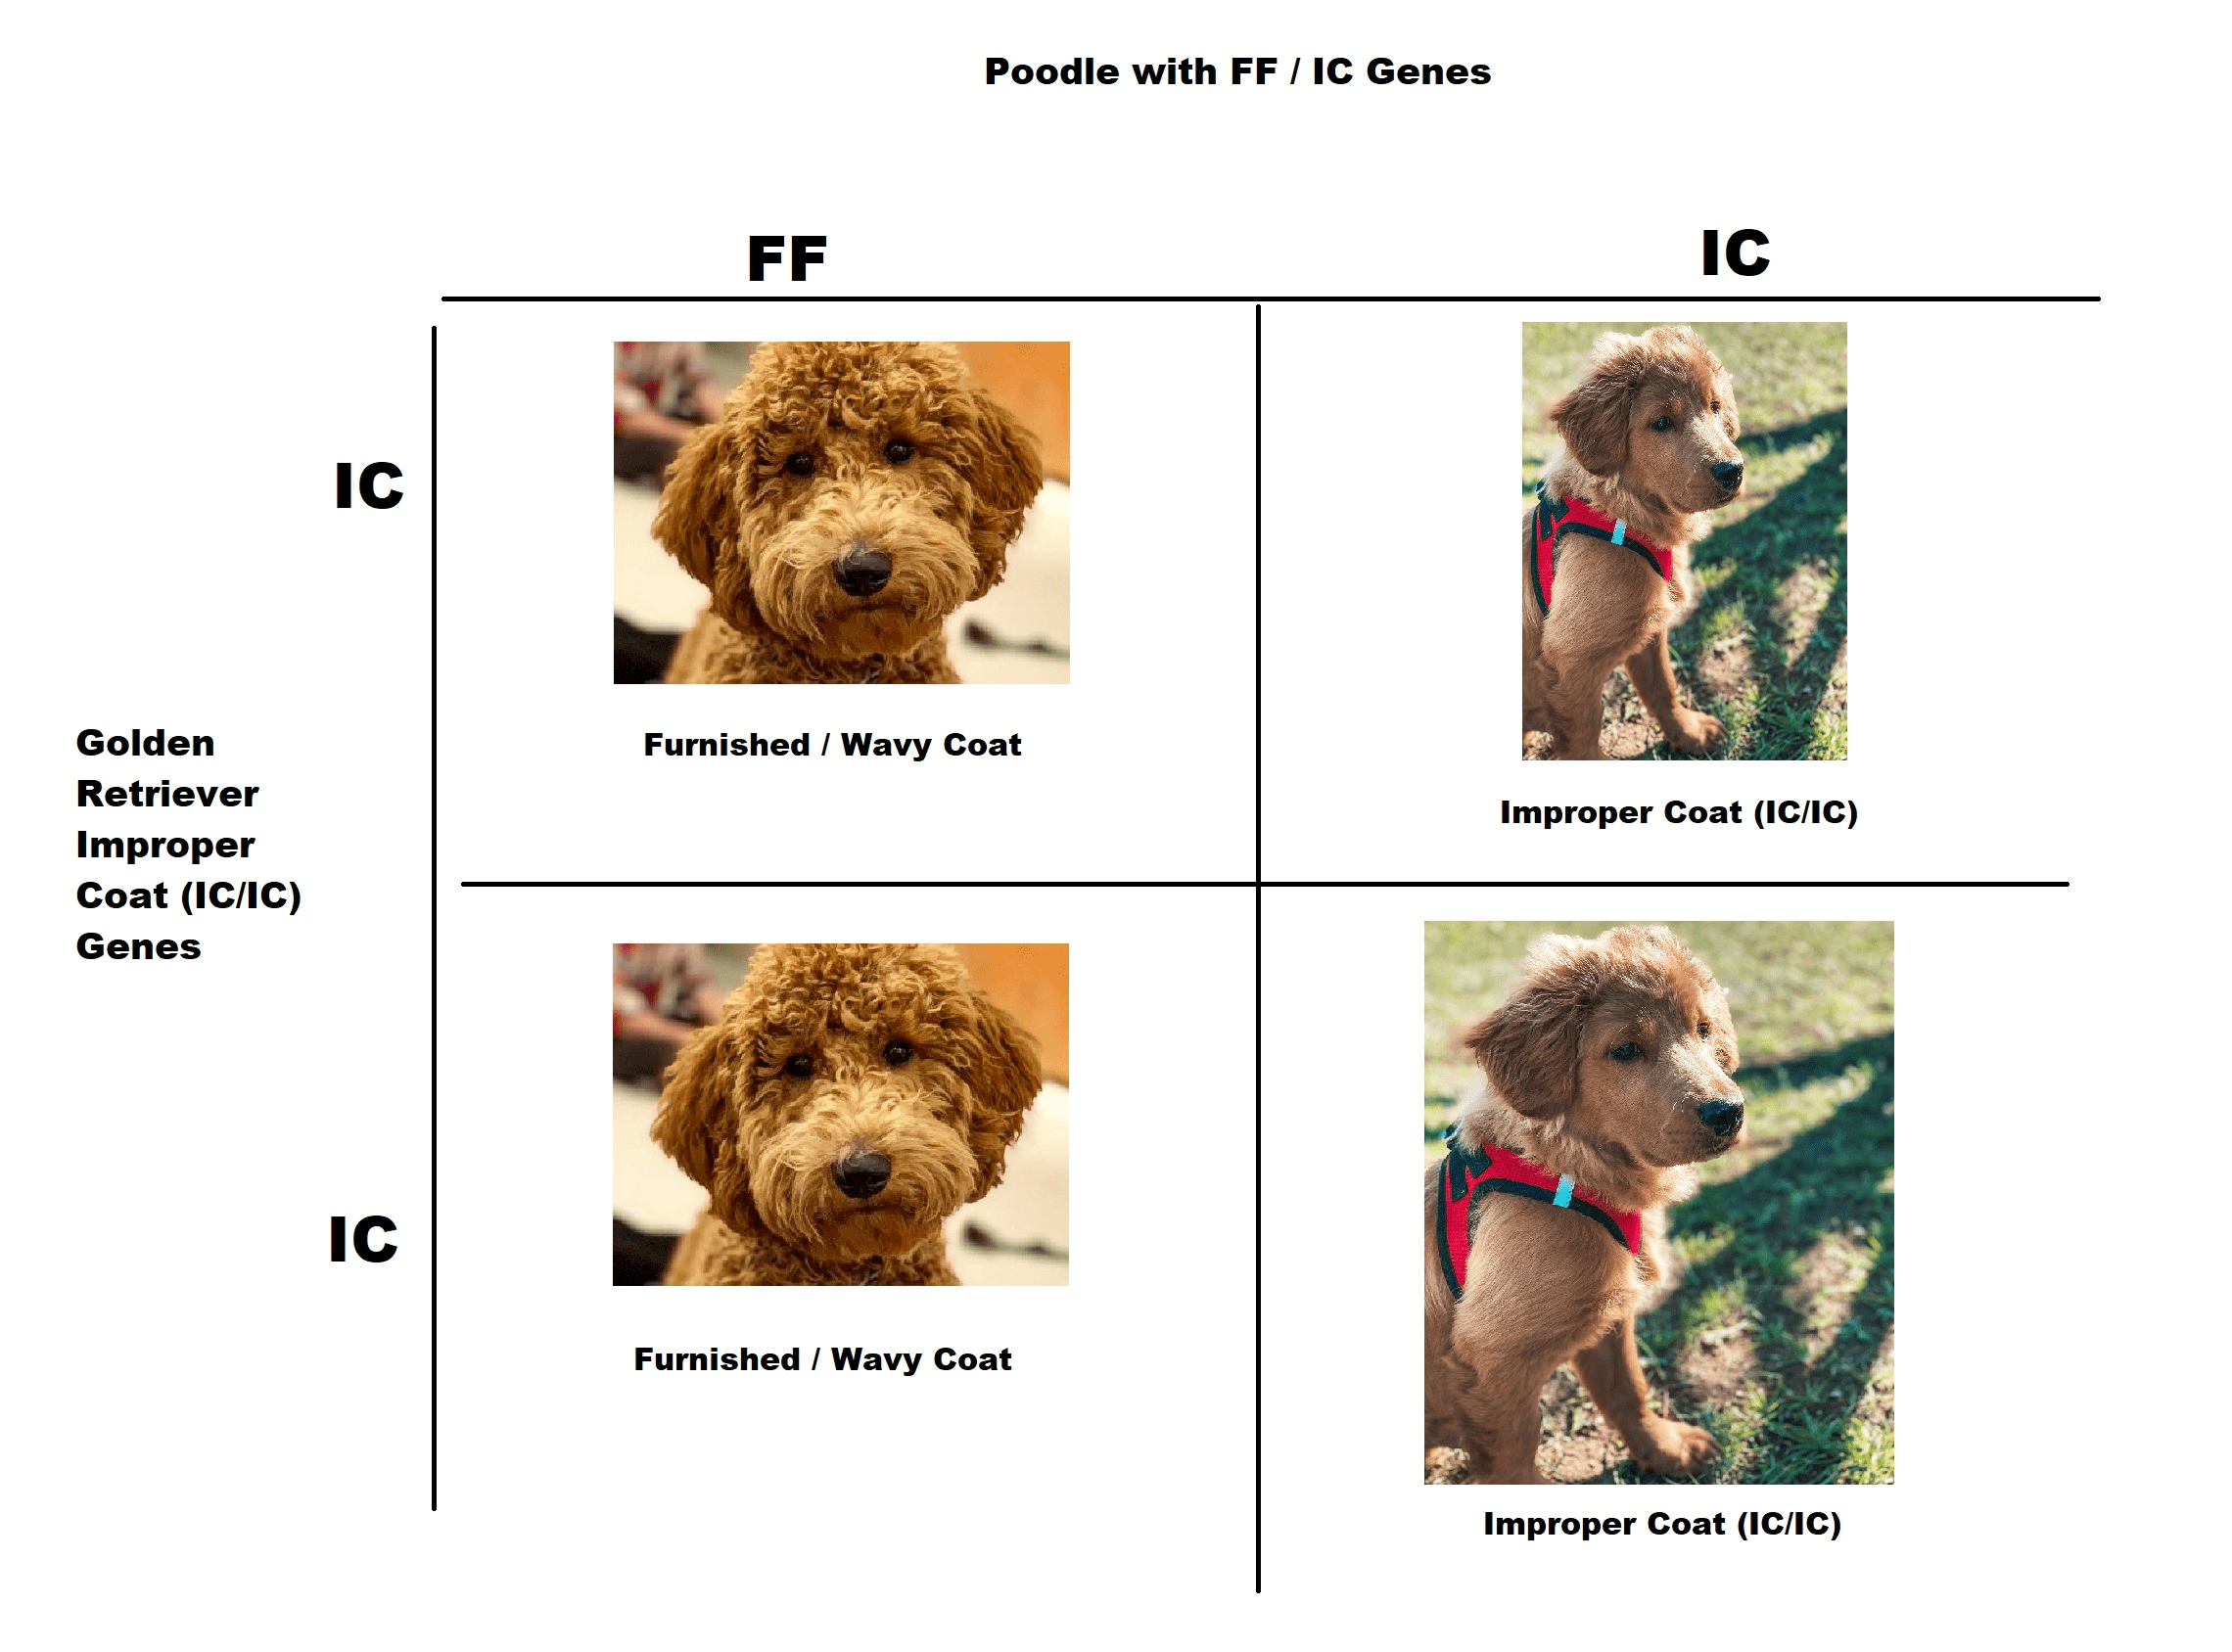 goldendoodle improper coat and furnished genes chart